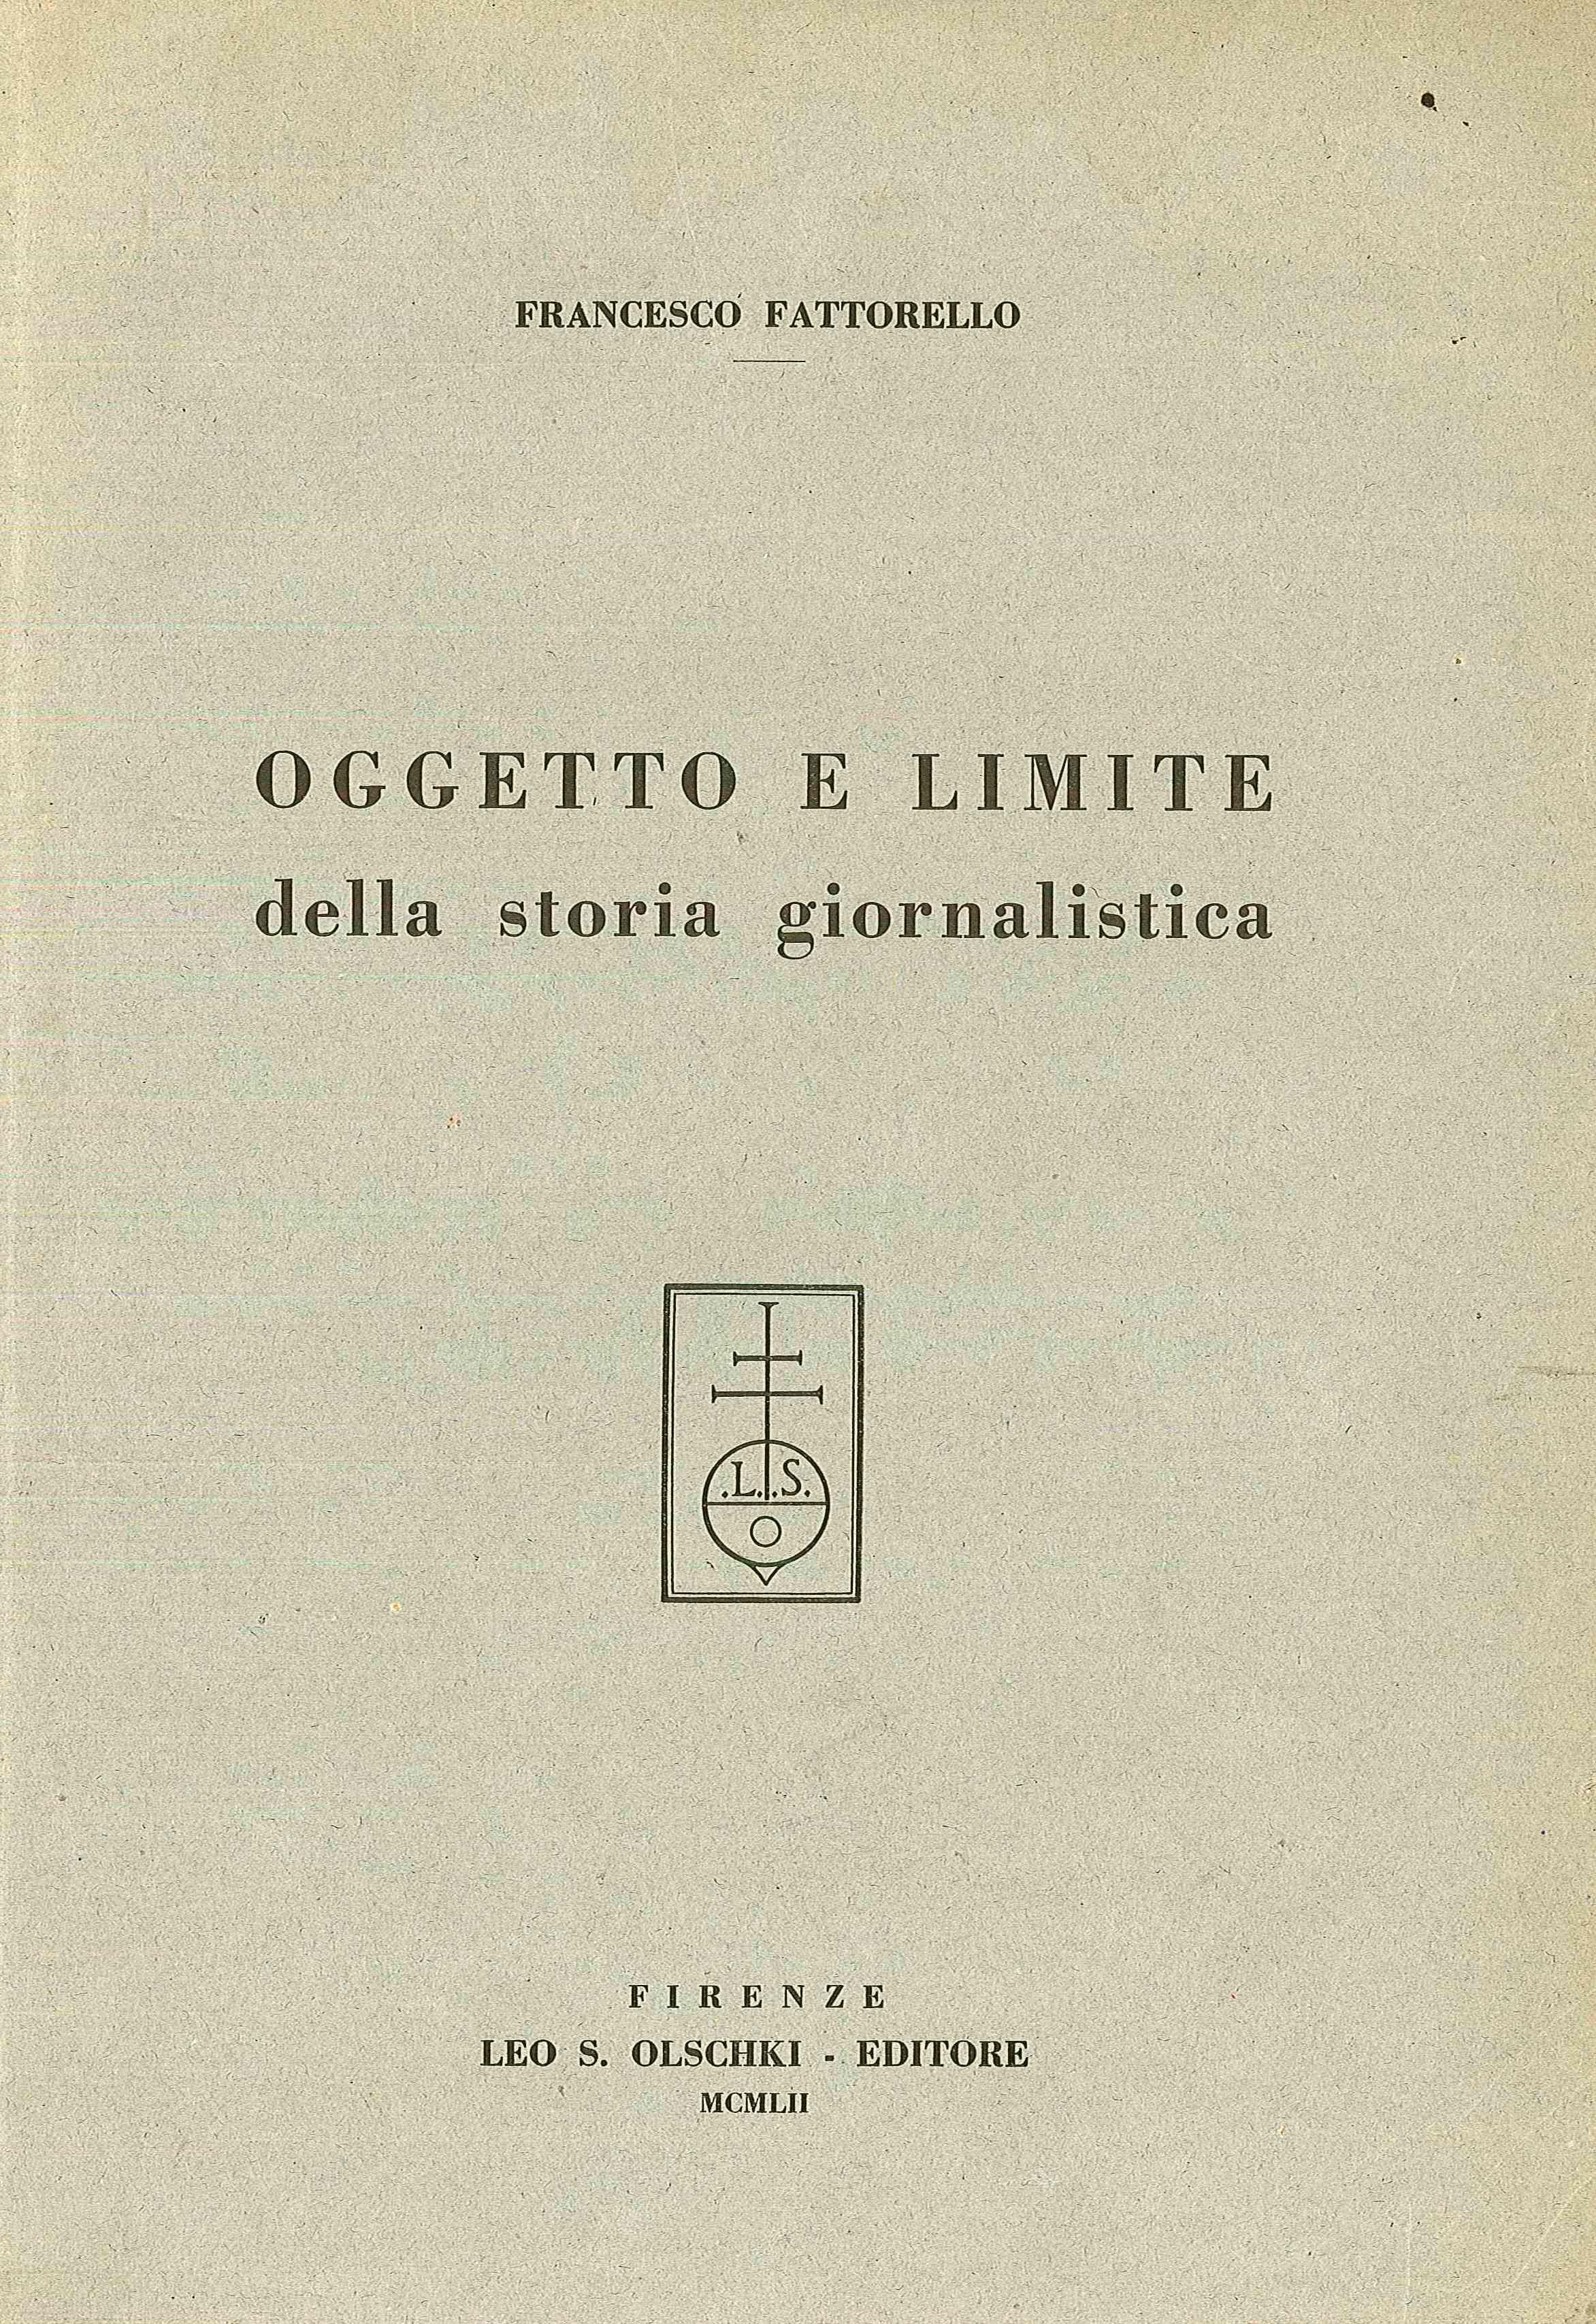 OGGETTO E LIMITE della storia giornalistica (Editore Leo S. Olschki - Firenze - MCMLII)